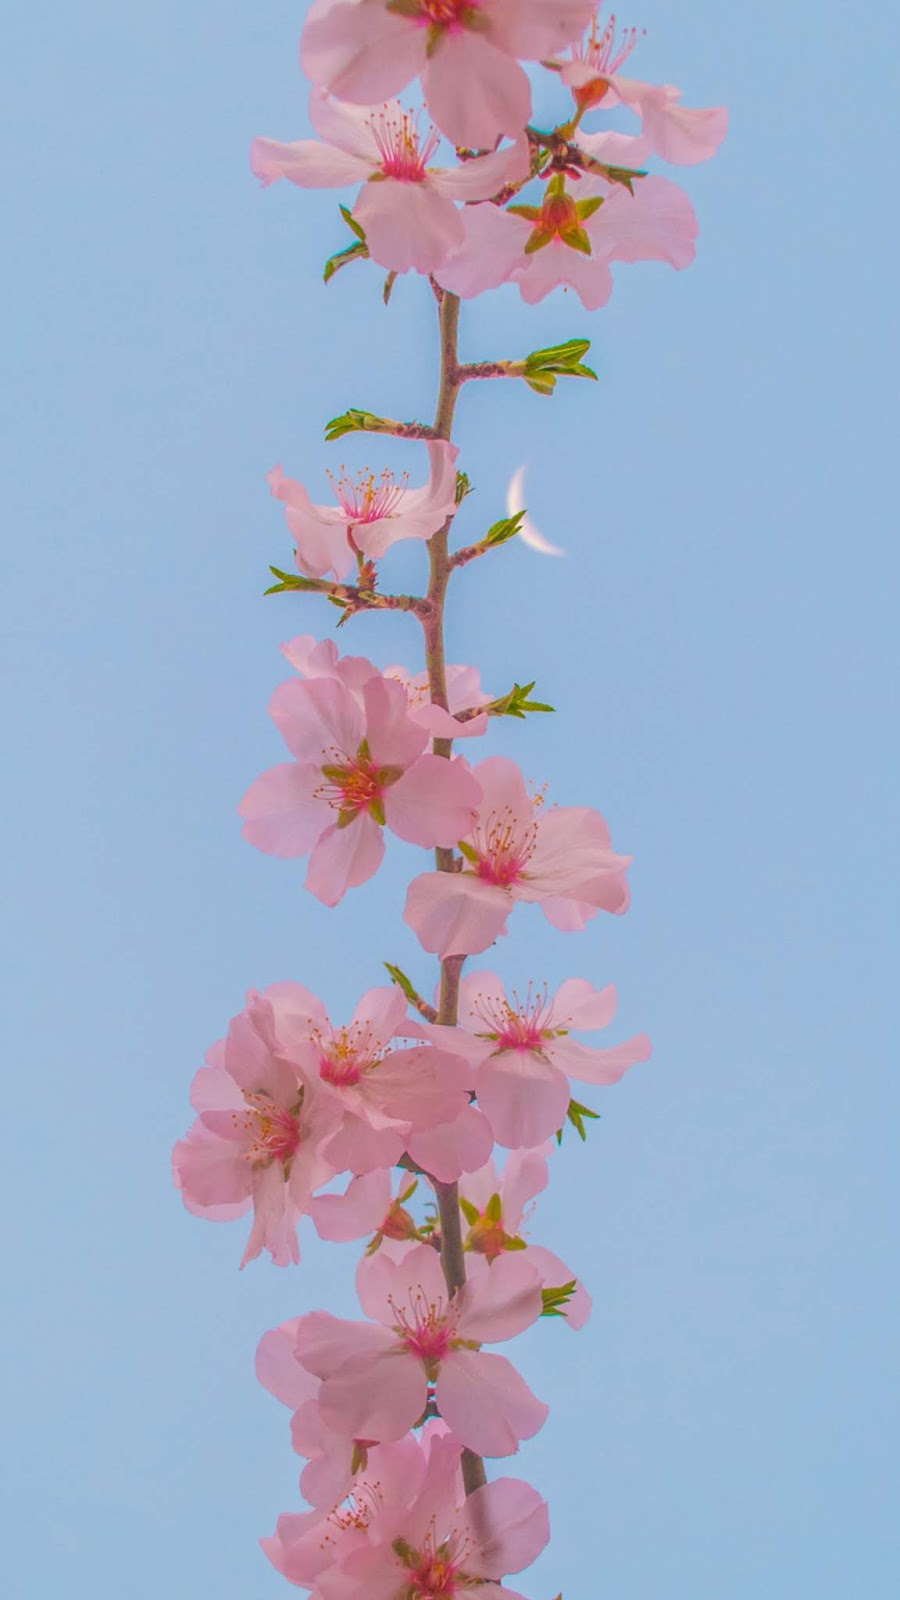 Aesthetic flower under the blue sky